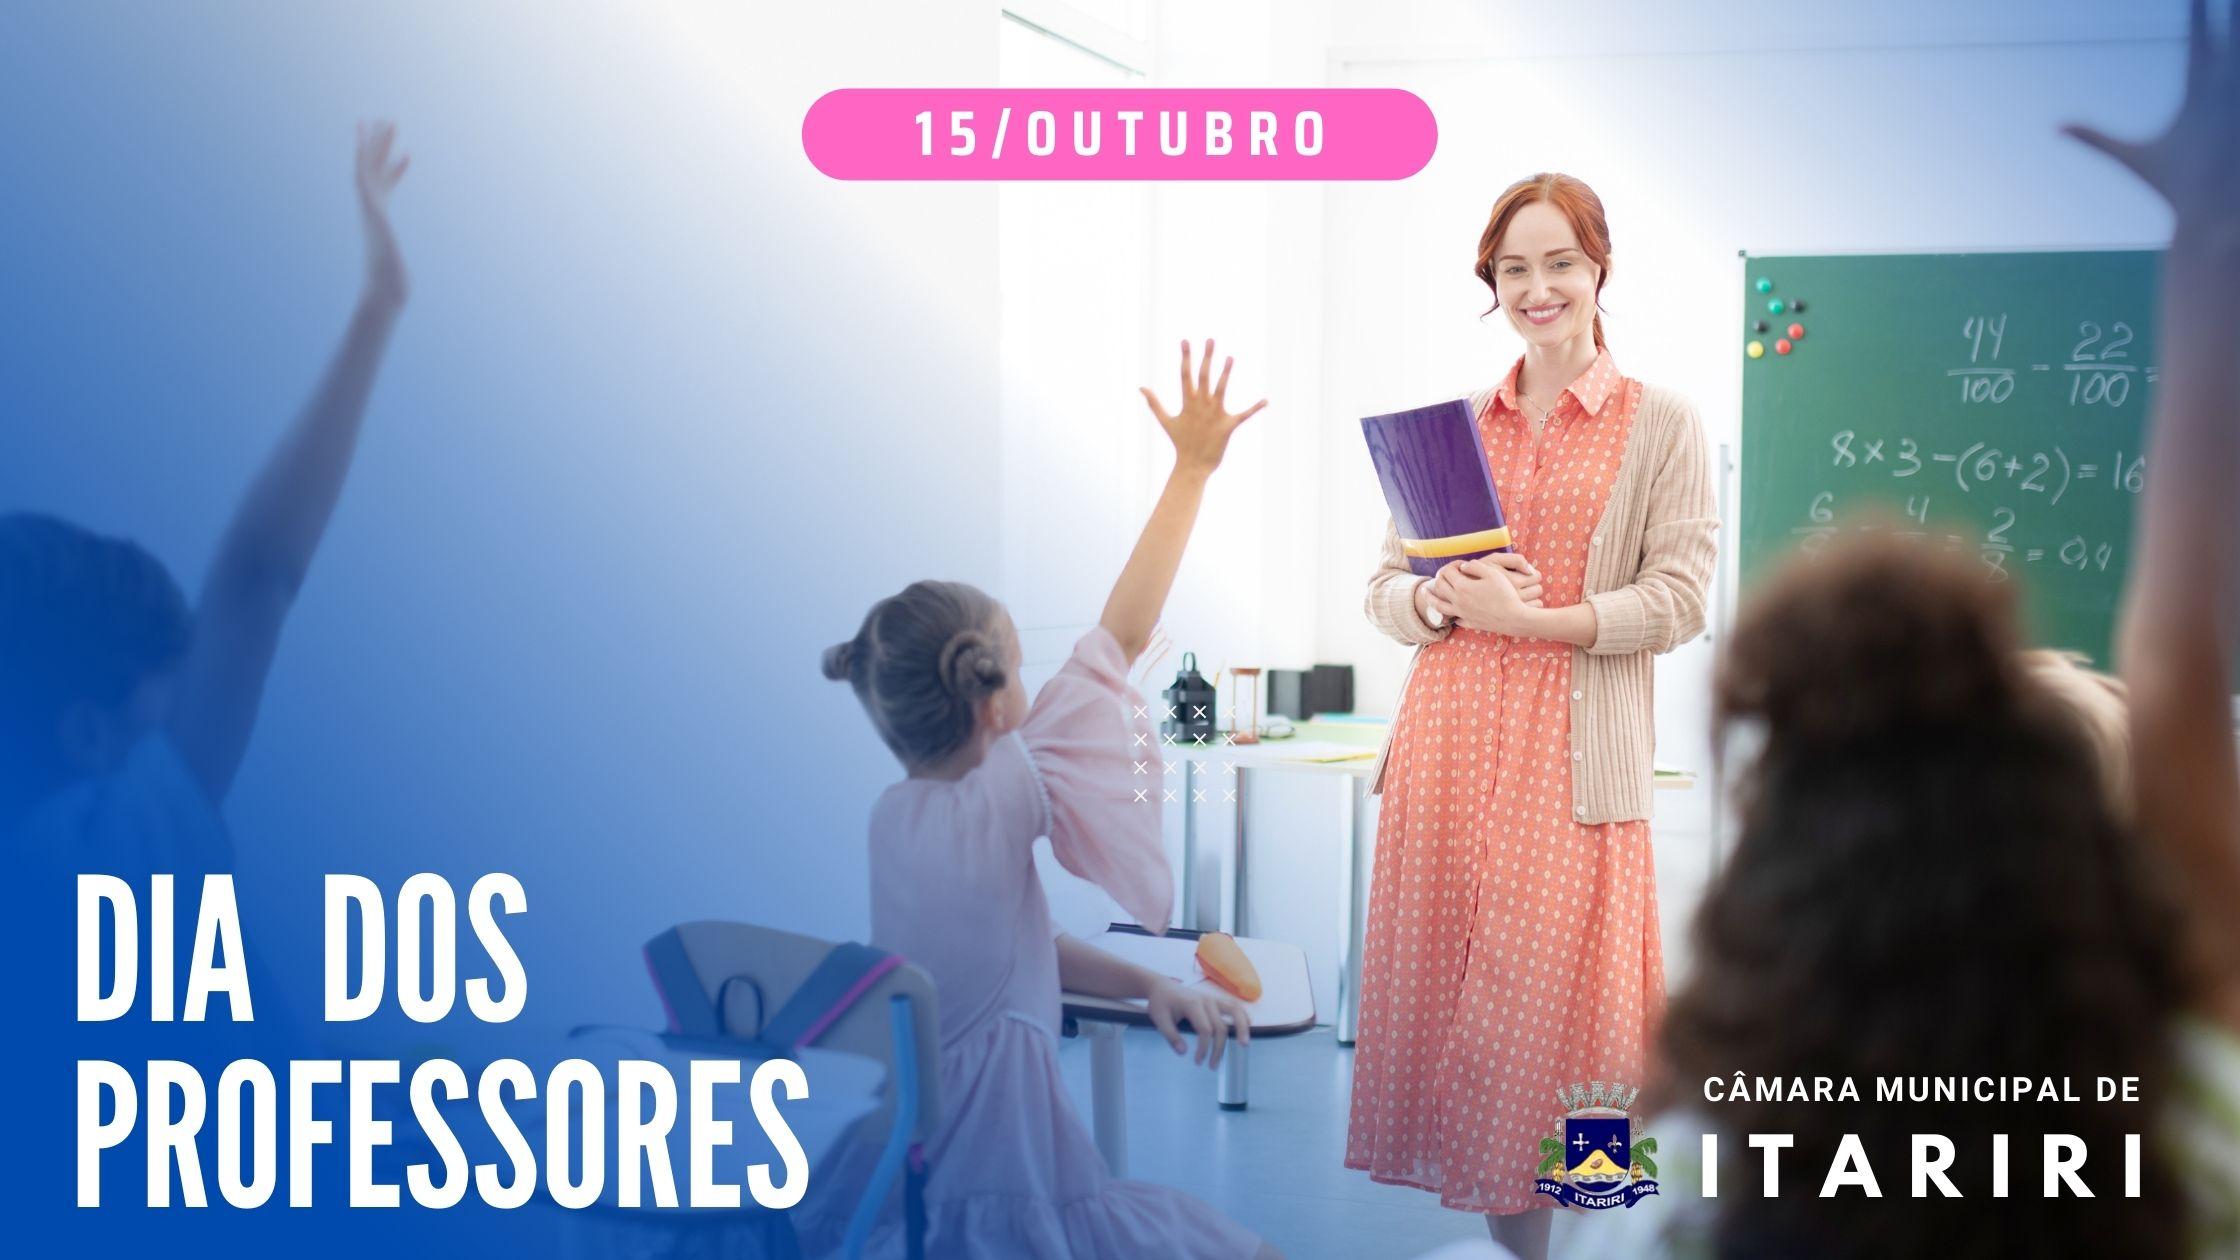 dia-dos-professores-e-celebrado-nesta-sexta-feira-15-10